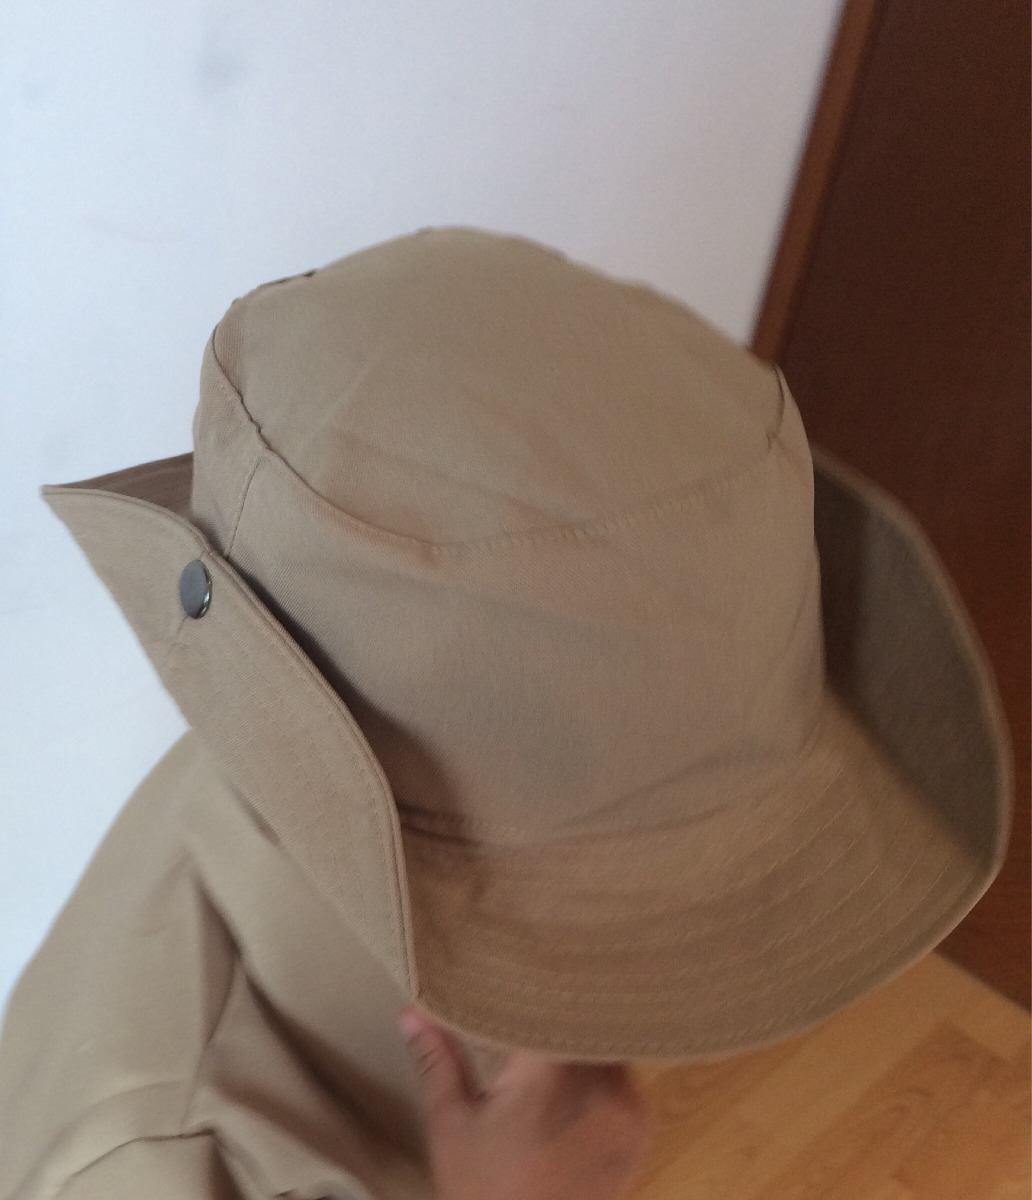 Sombrero Explorador O Cazador Envío Gratis -   195.00 en Mercado Libre 82c068b727e